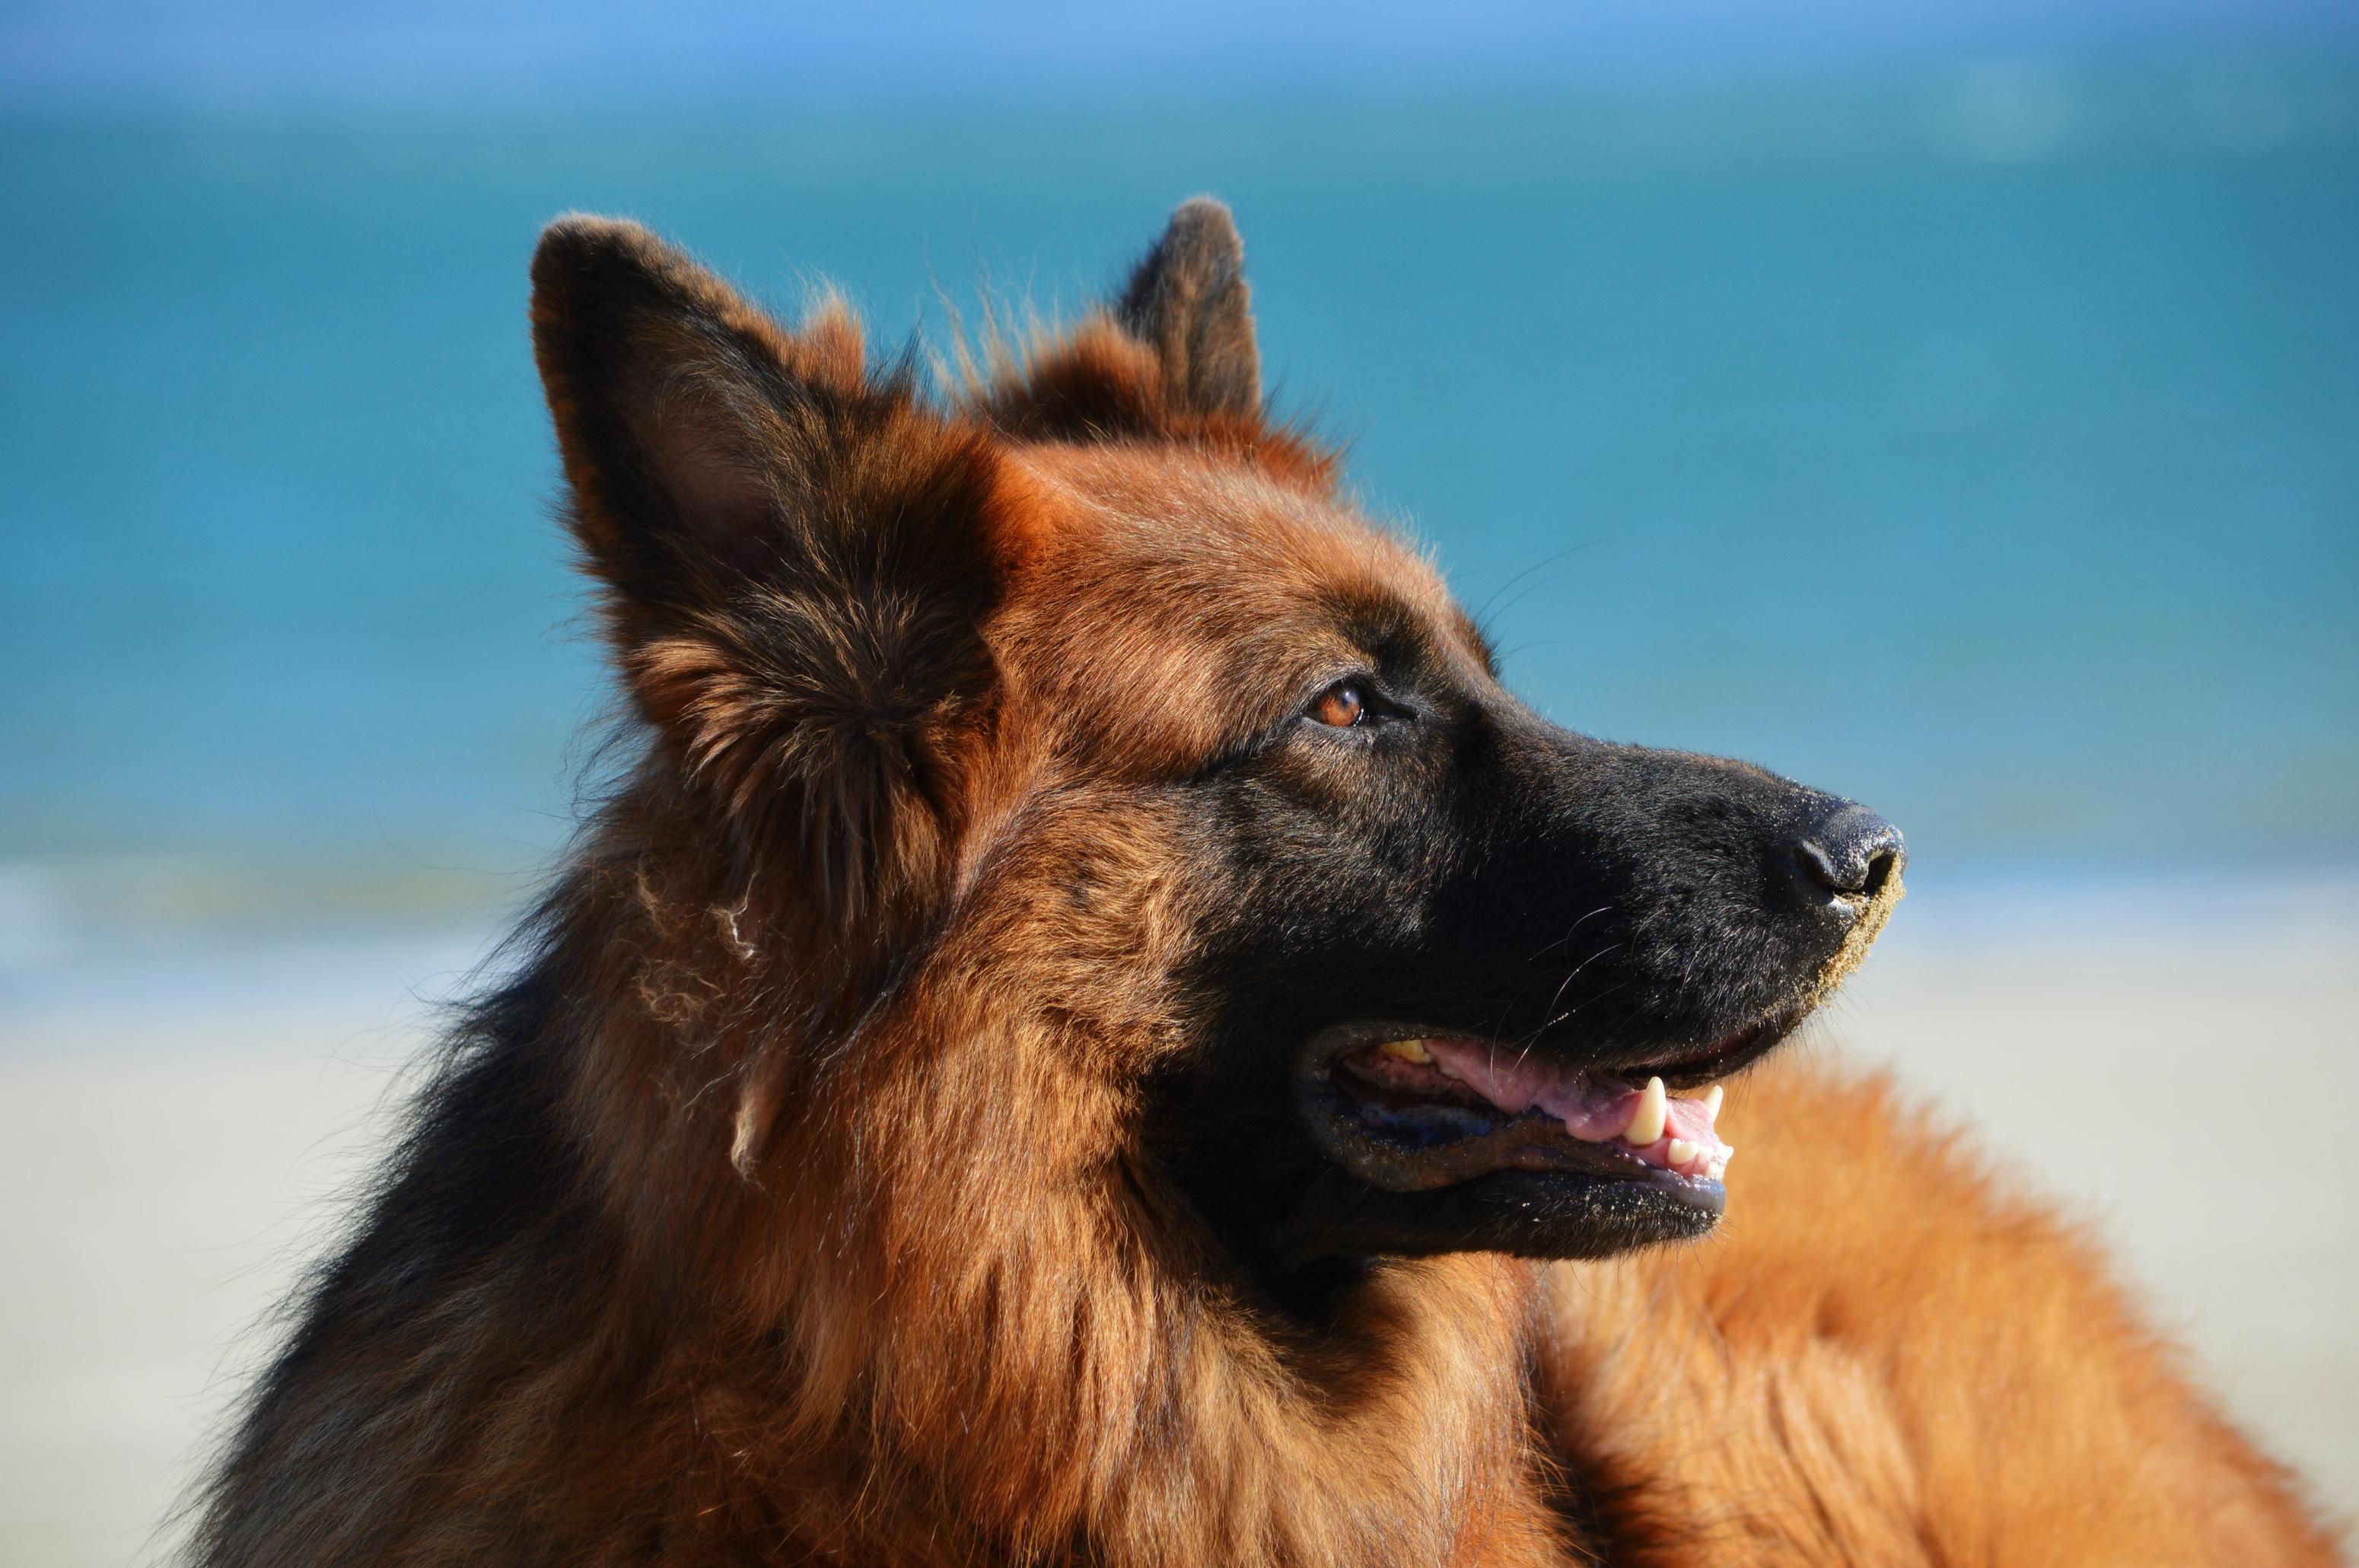 Pet, Brown, Dog, Friend, Loyal, HQ Photo